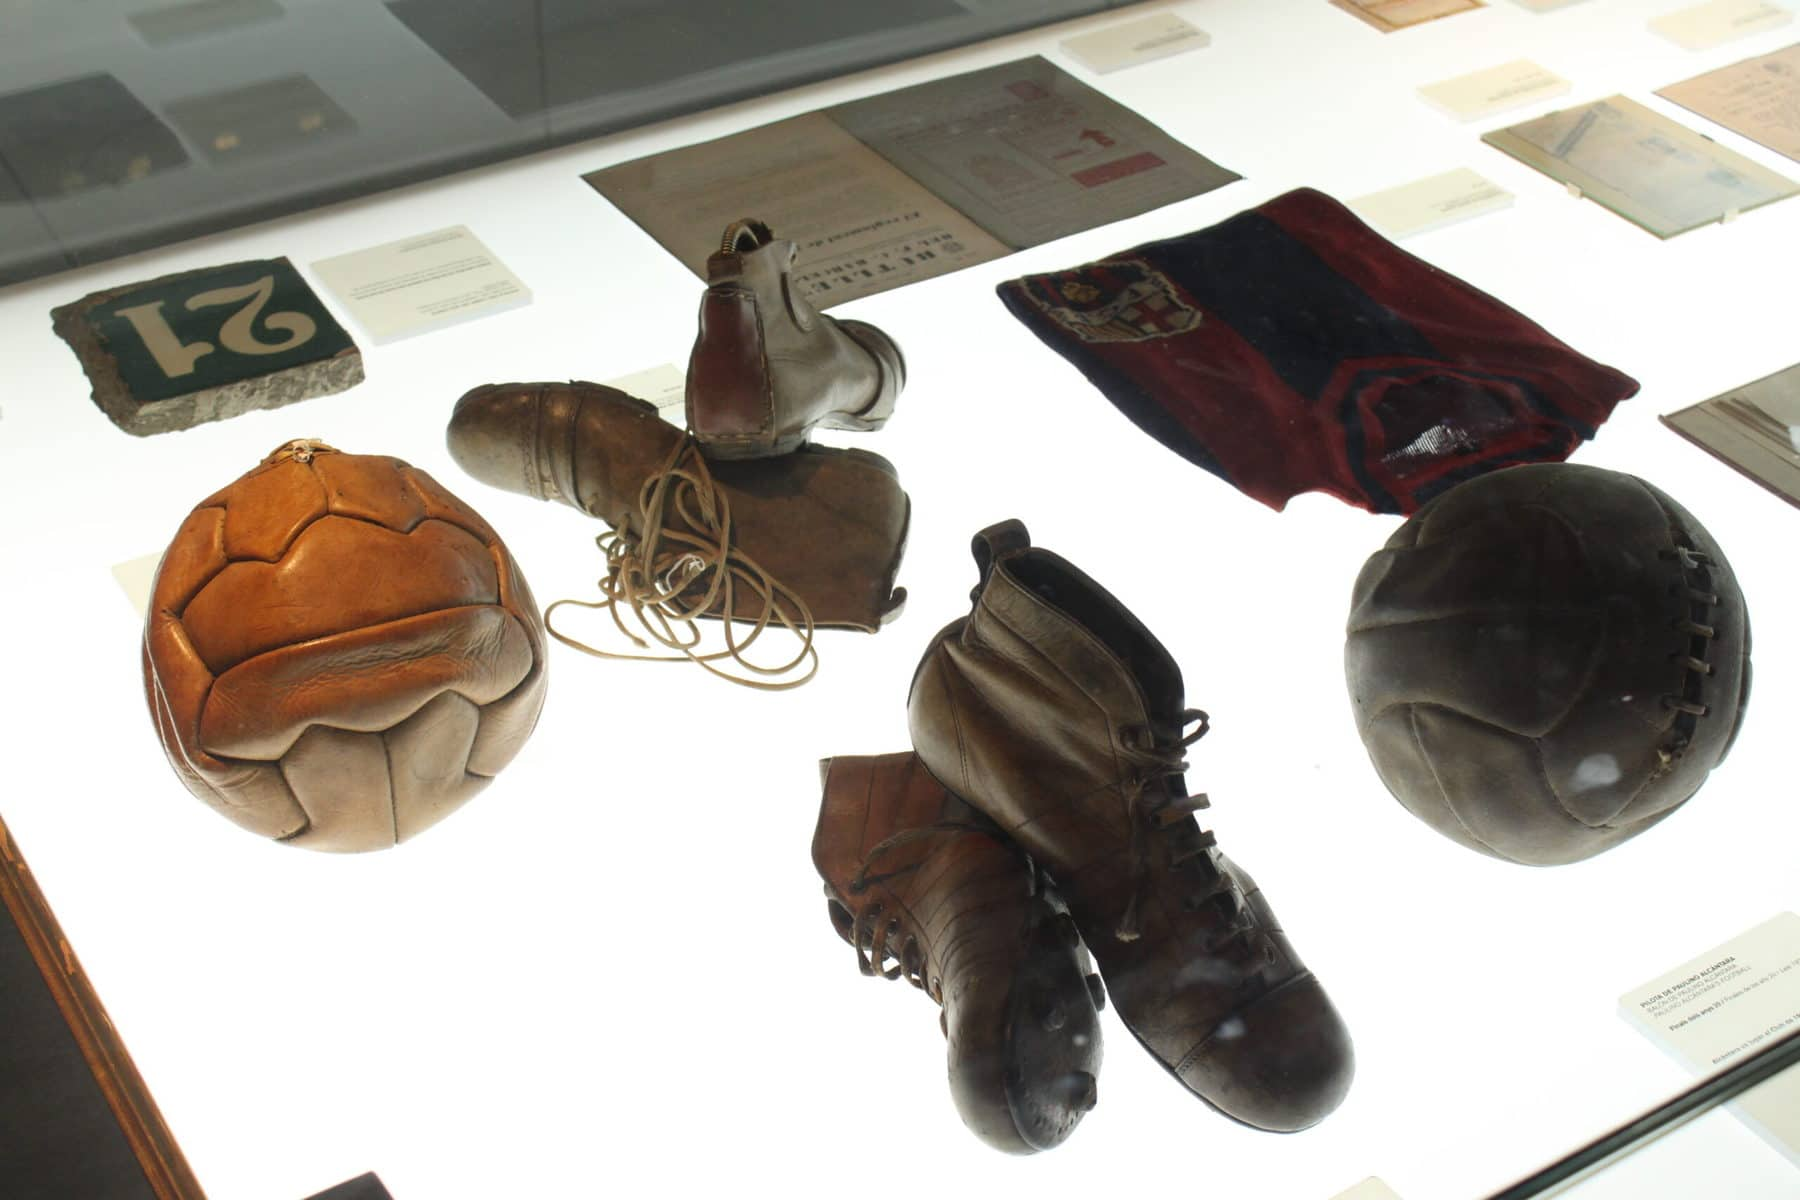 Museum, Camp Nou Stadion, Barcelona